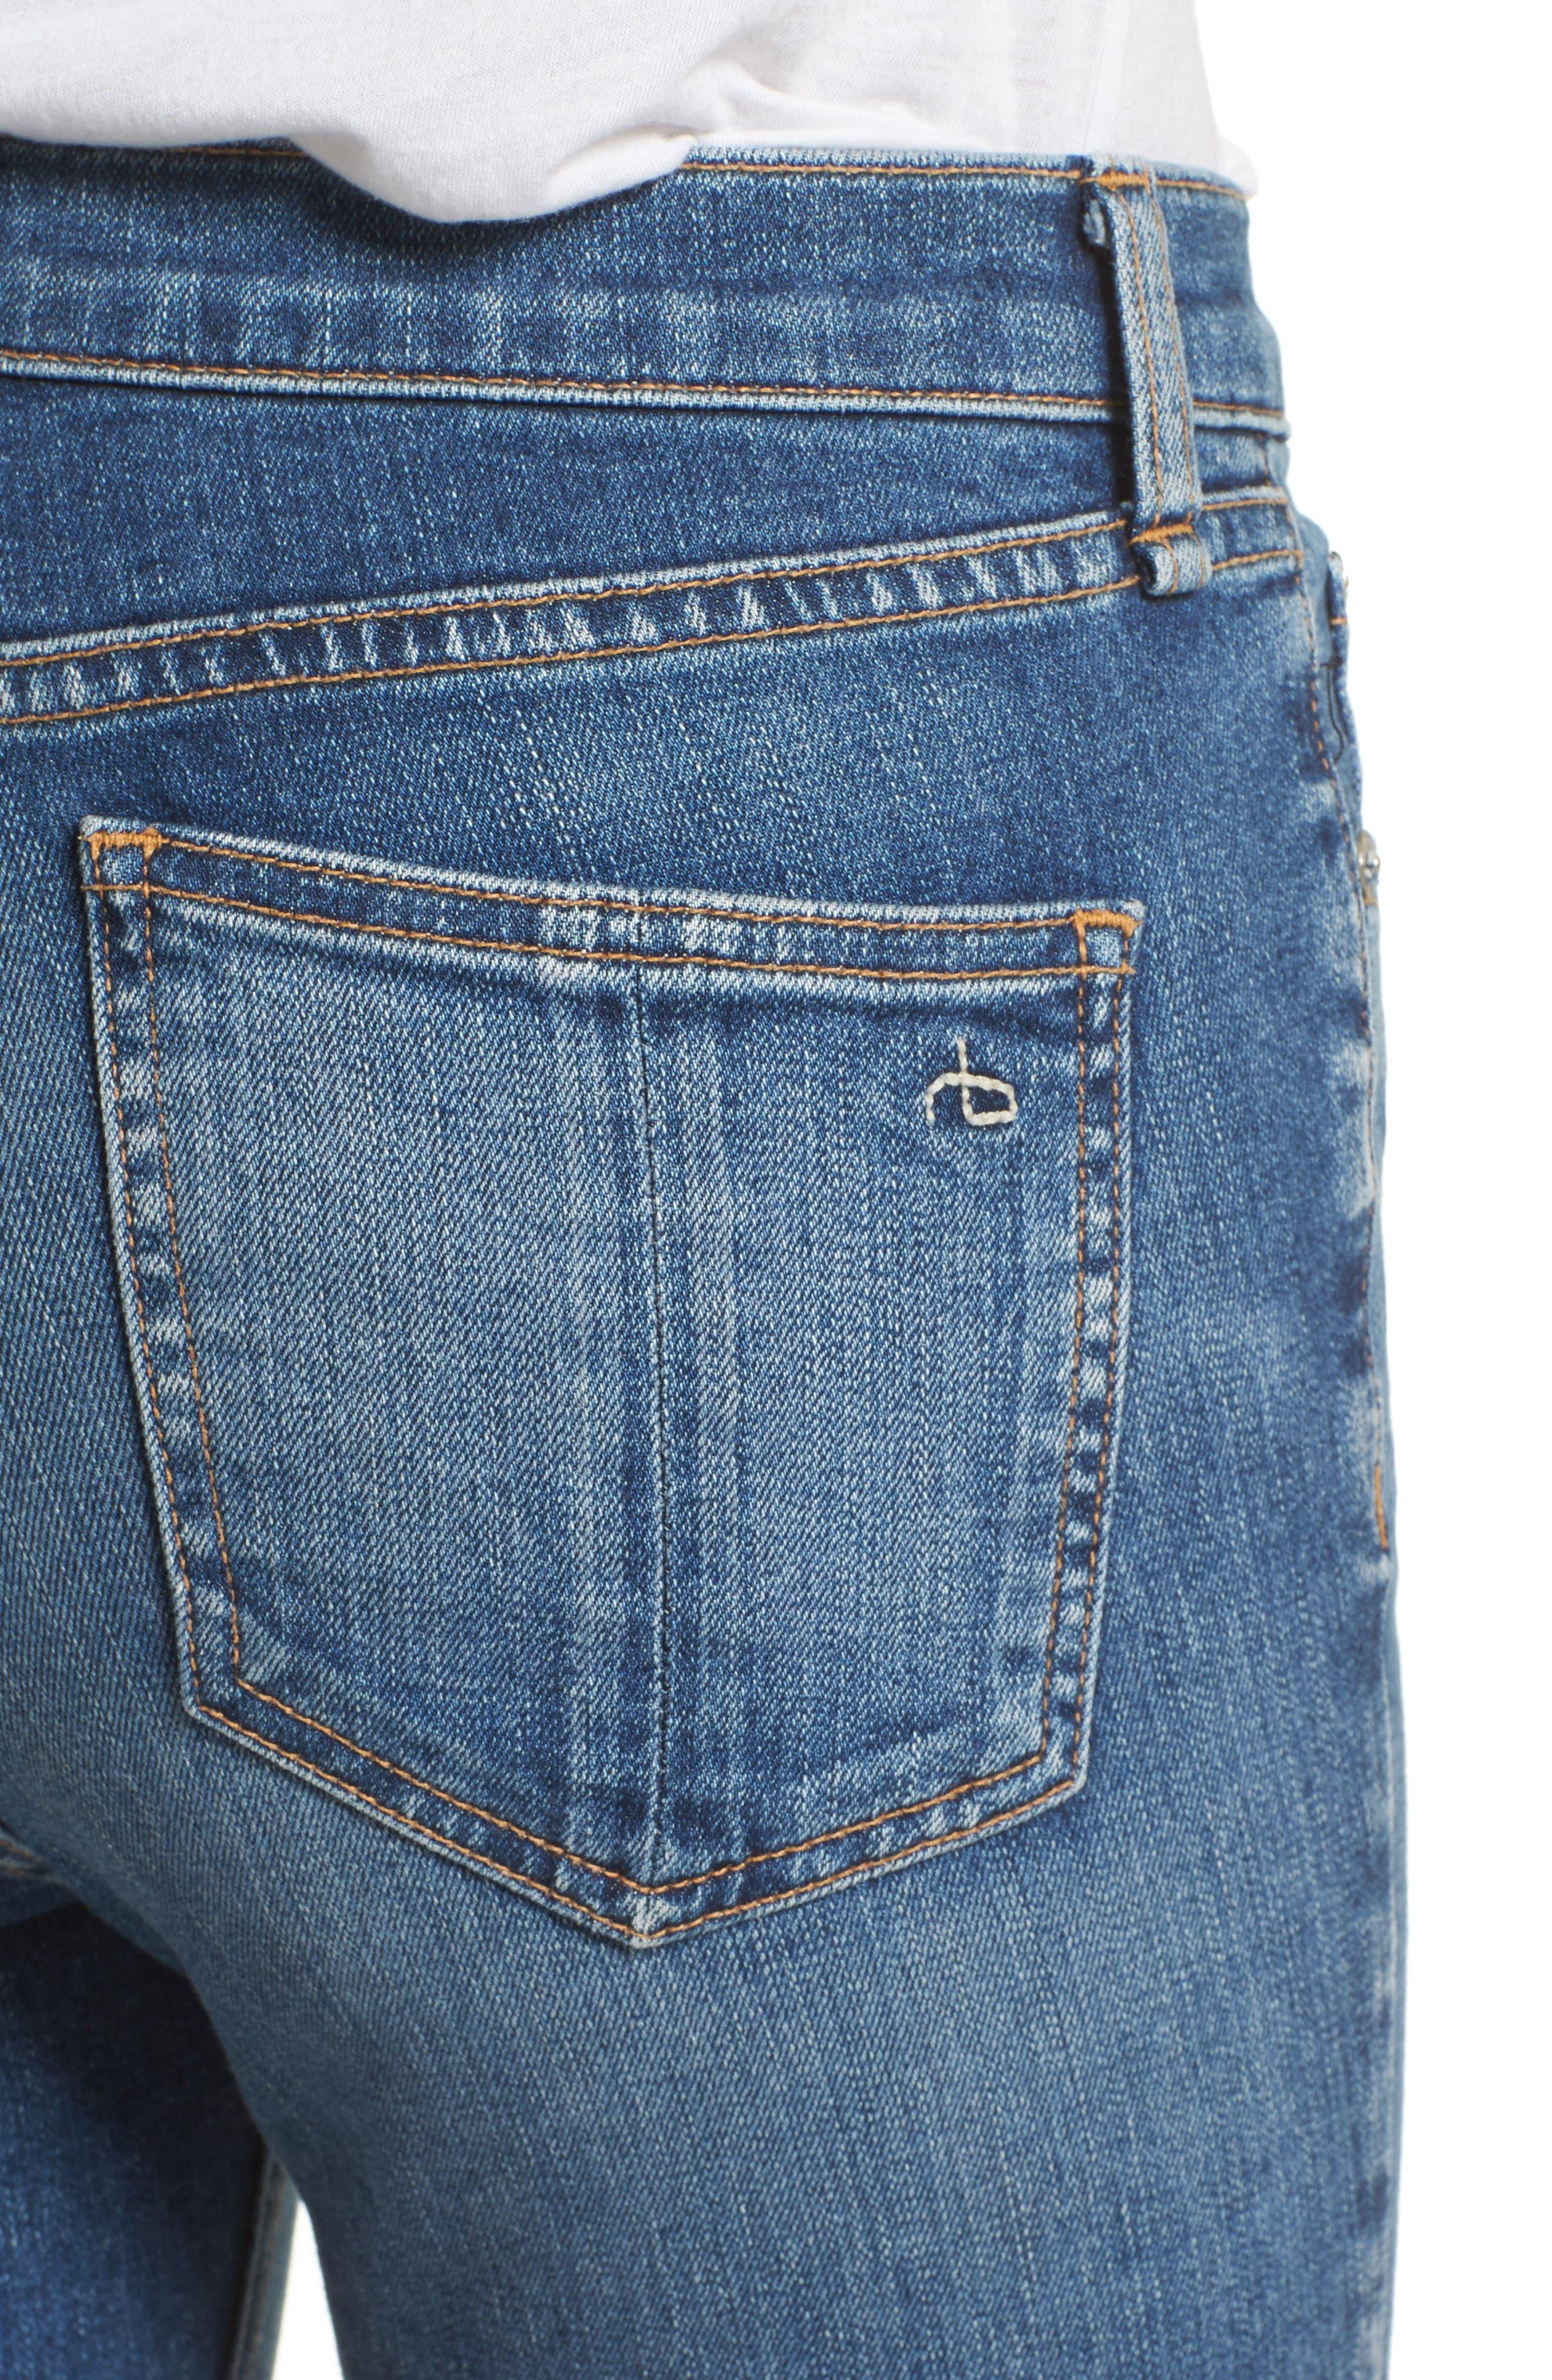 RAG & BONE, High Waist Ankle Skinny Jeans, Alternate thumbnail 4, color, 427